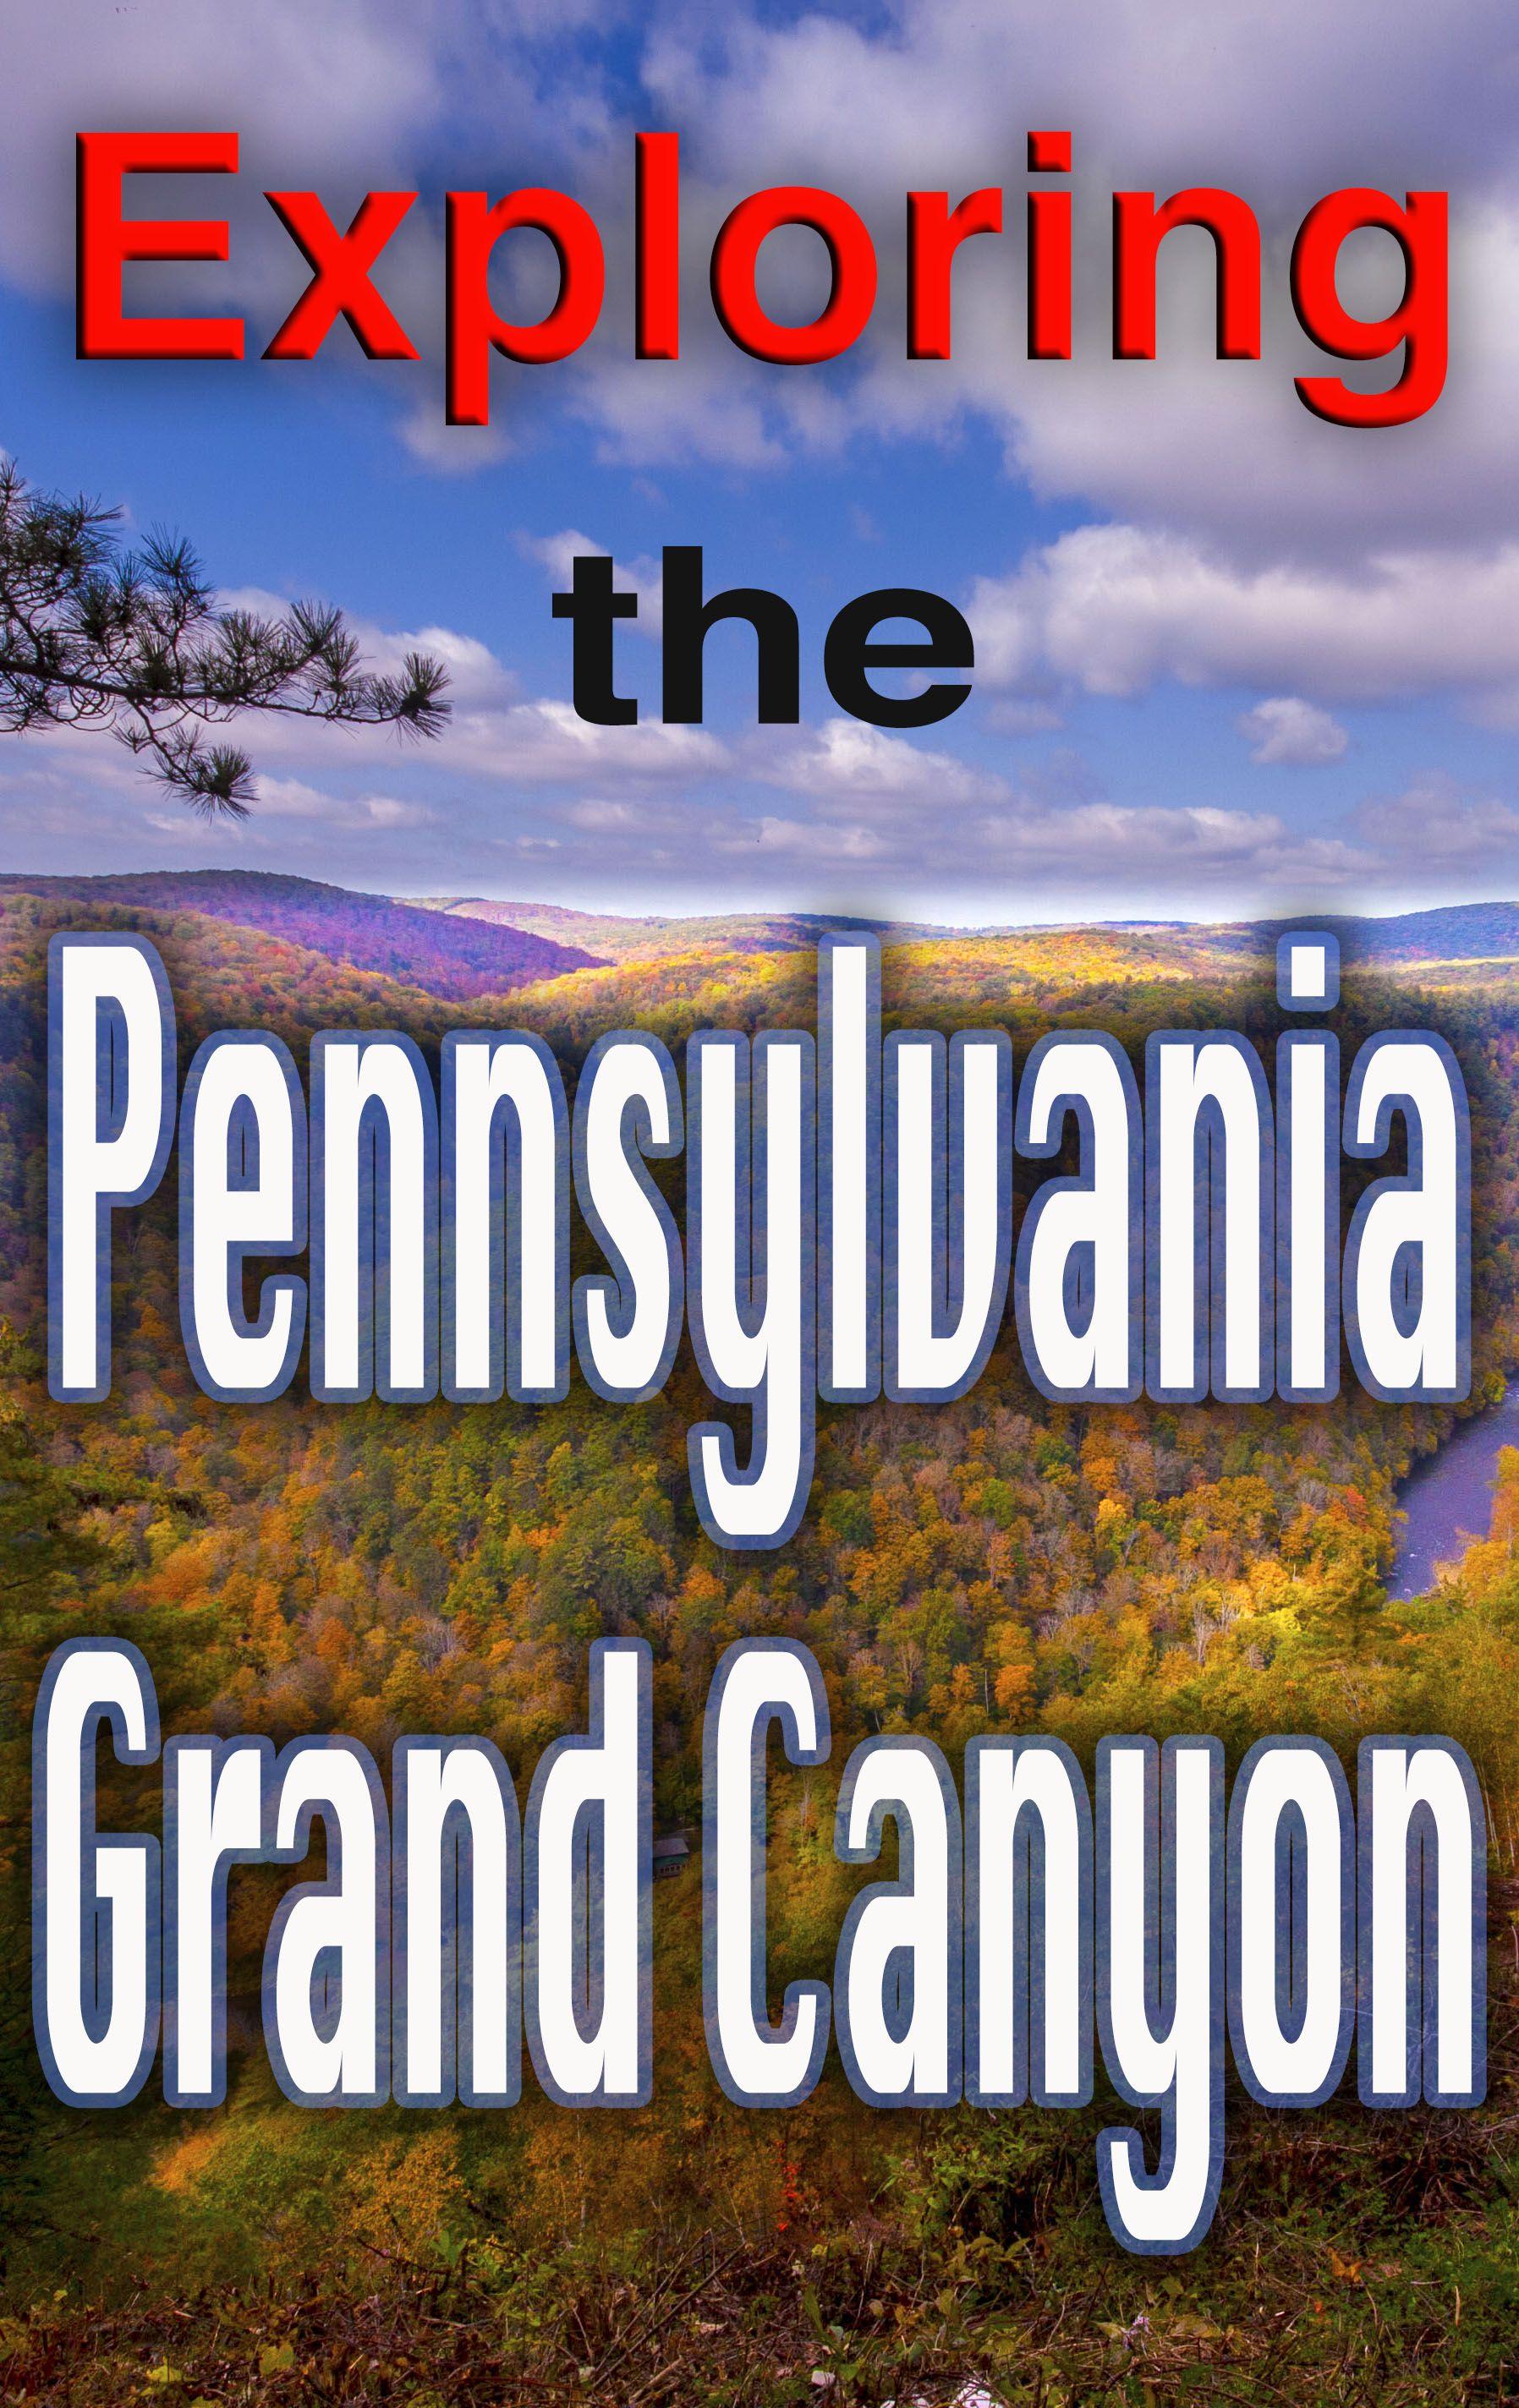 We think so PA Pennsylvania Lancaster TShirt